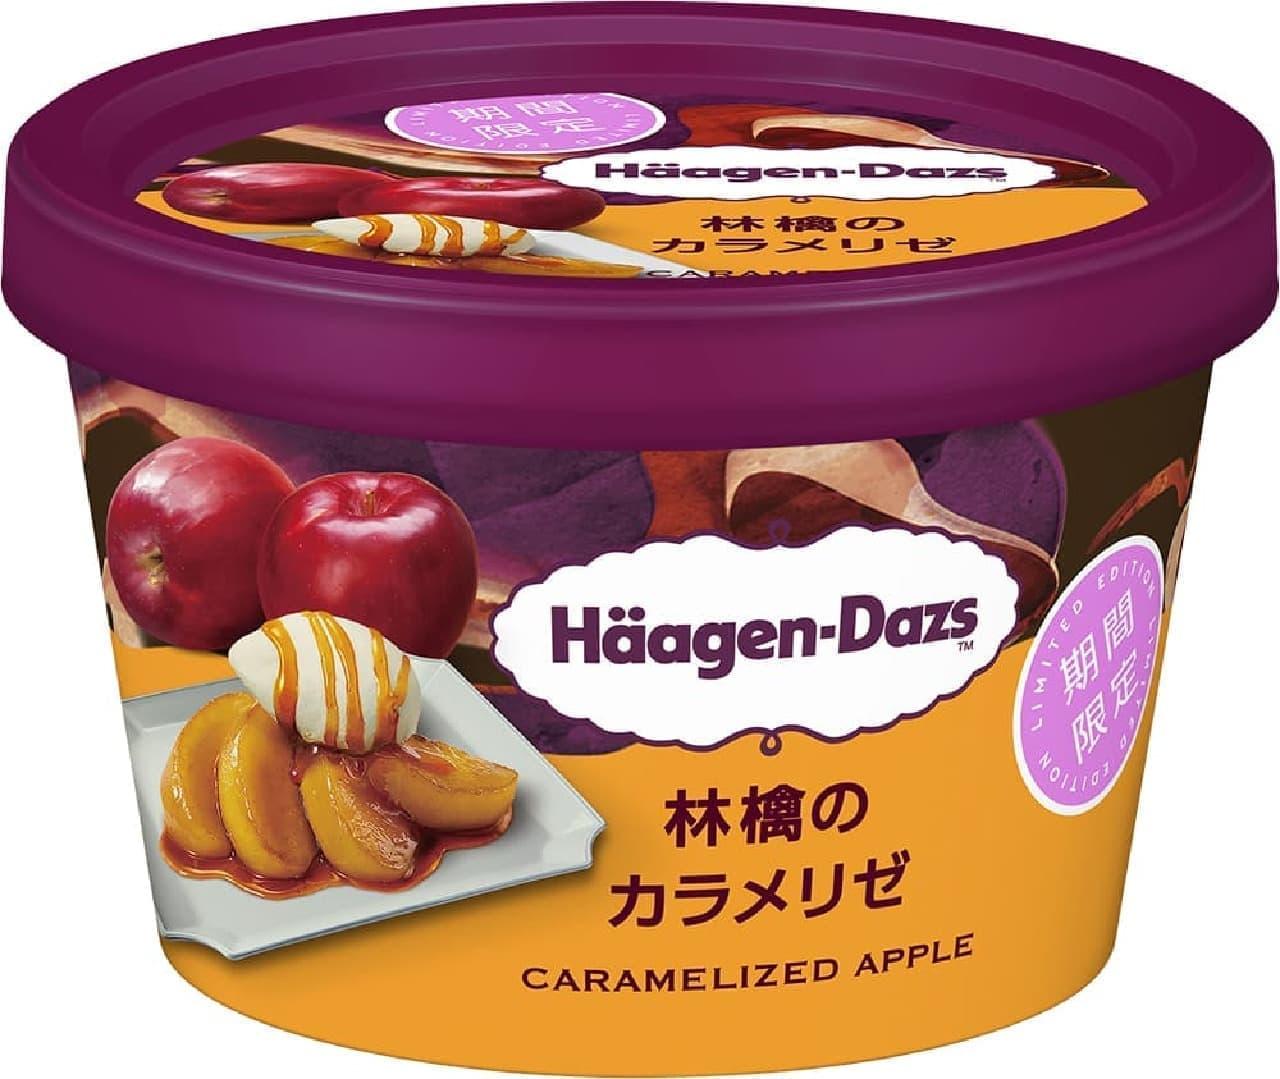 ハーゲンダッツ ミニカップ「林檎のカラメリゼ」